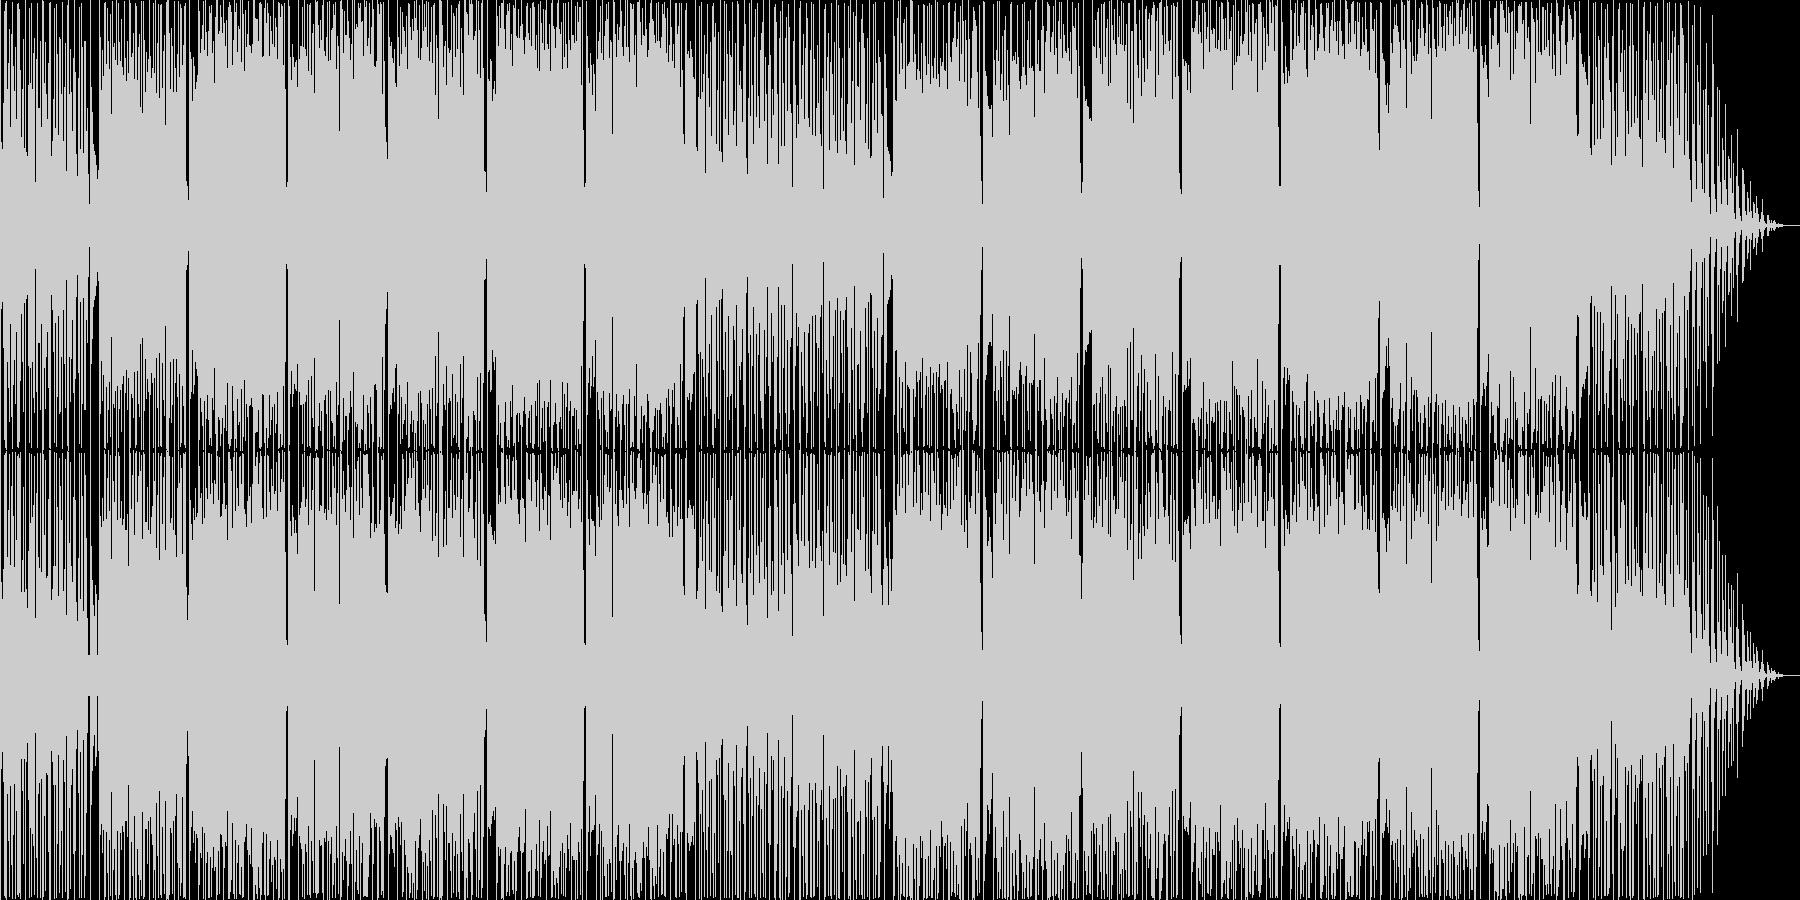 気分ウキウキの楽しいポップなボサノバの未再生の波形